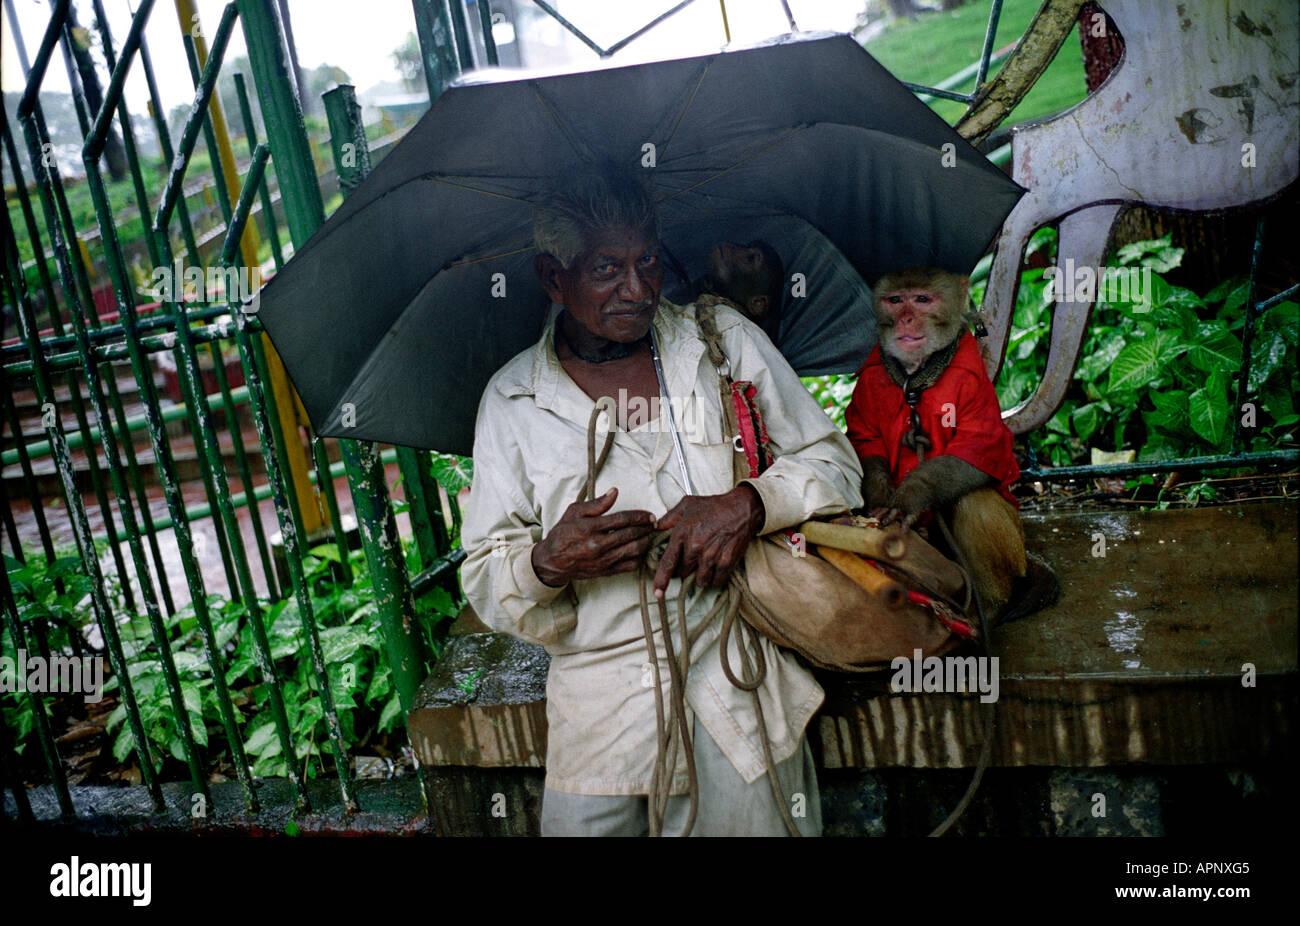 Inde MUMBAI BOMBAY HOMME AVEC DES SINGES DANS LES pluies de mousson Photo Stock